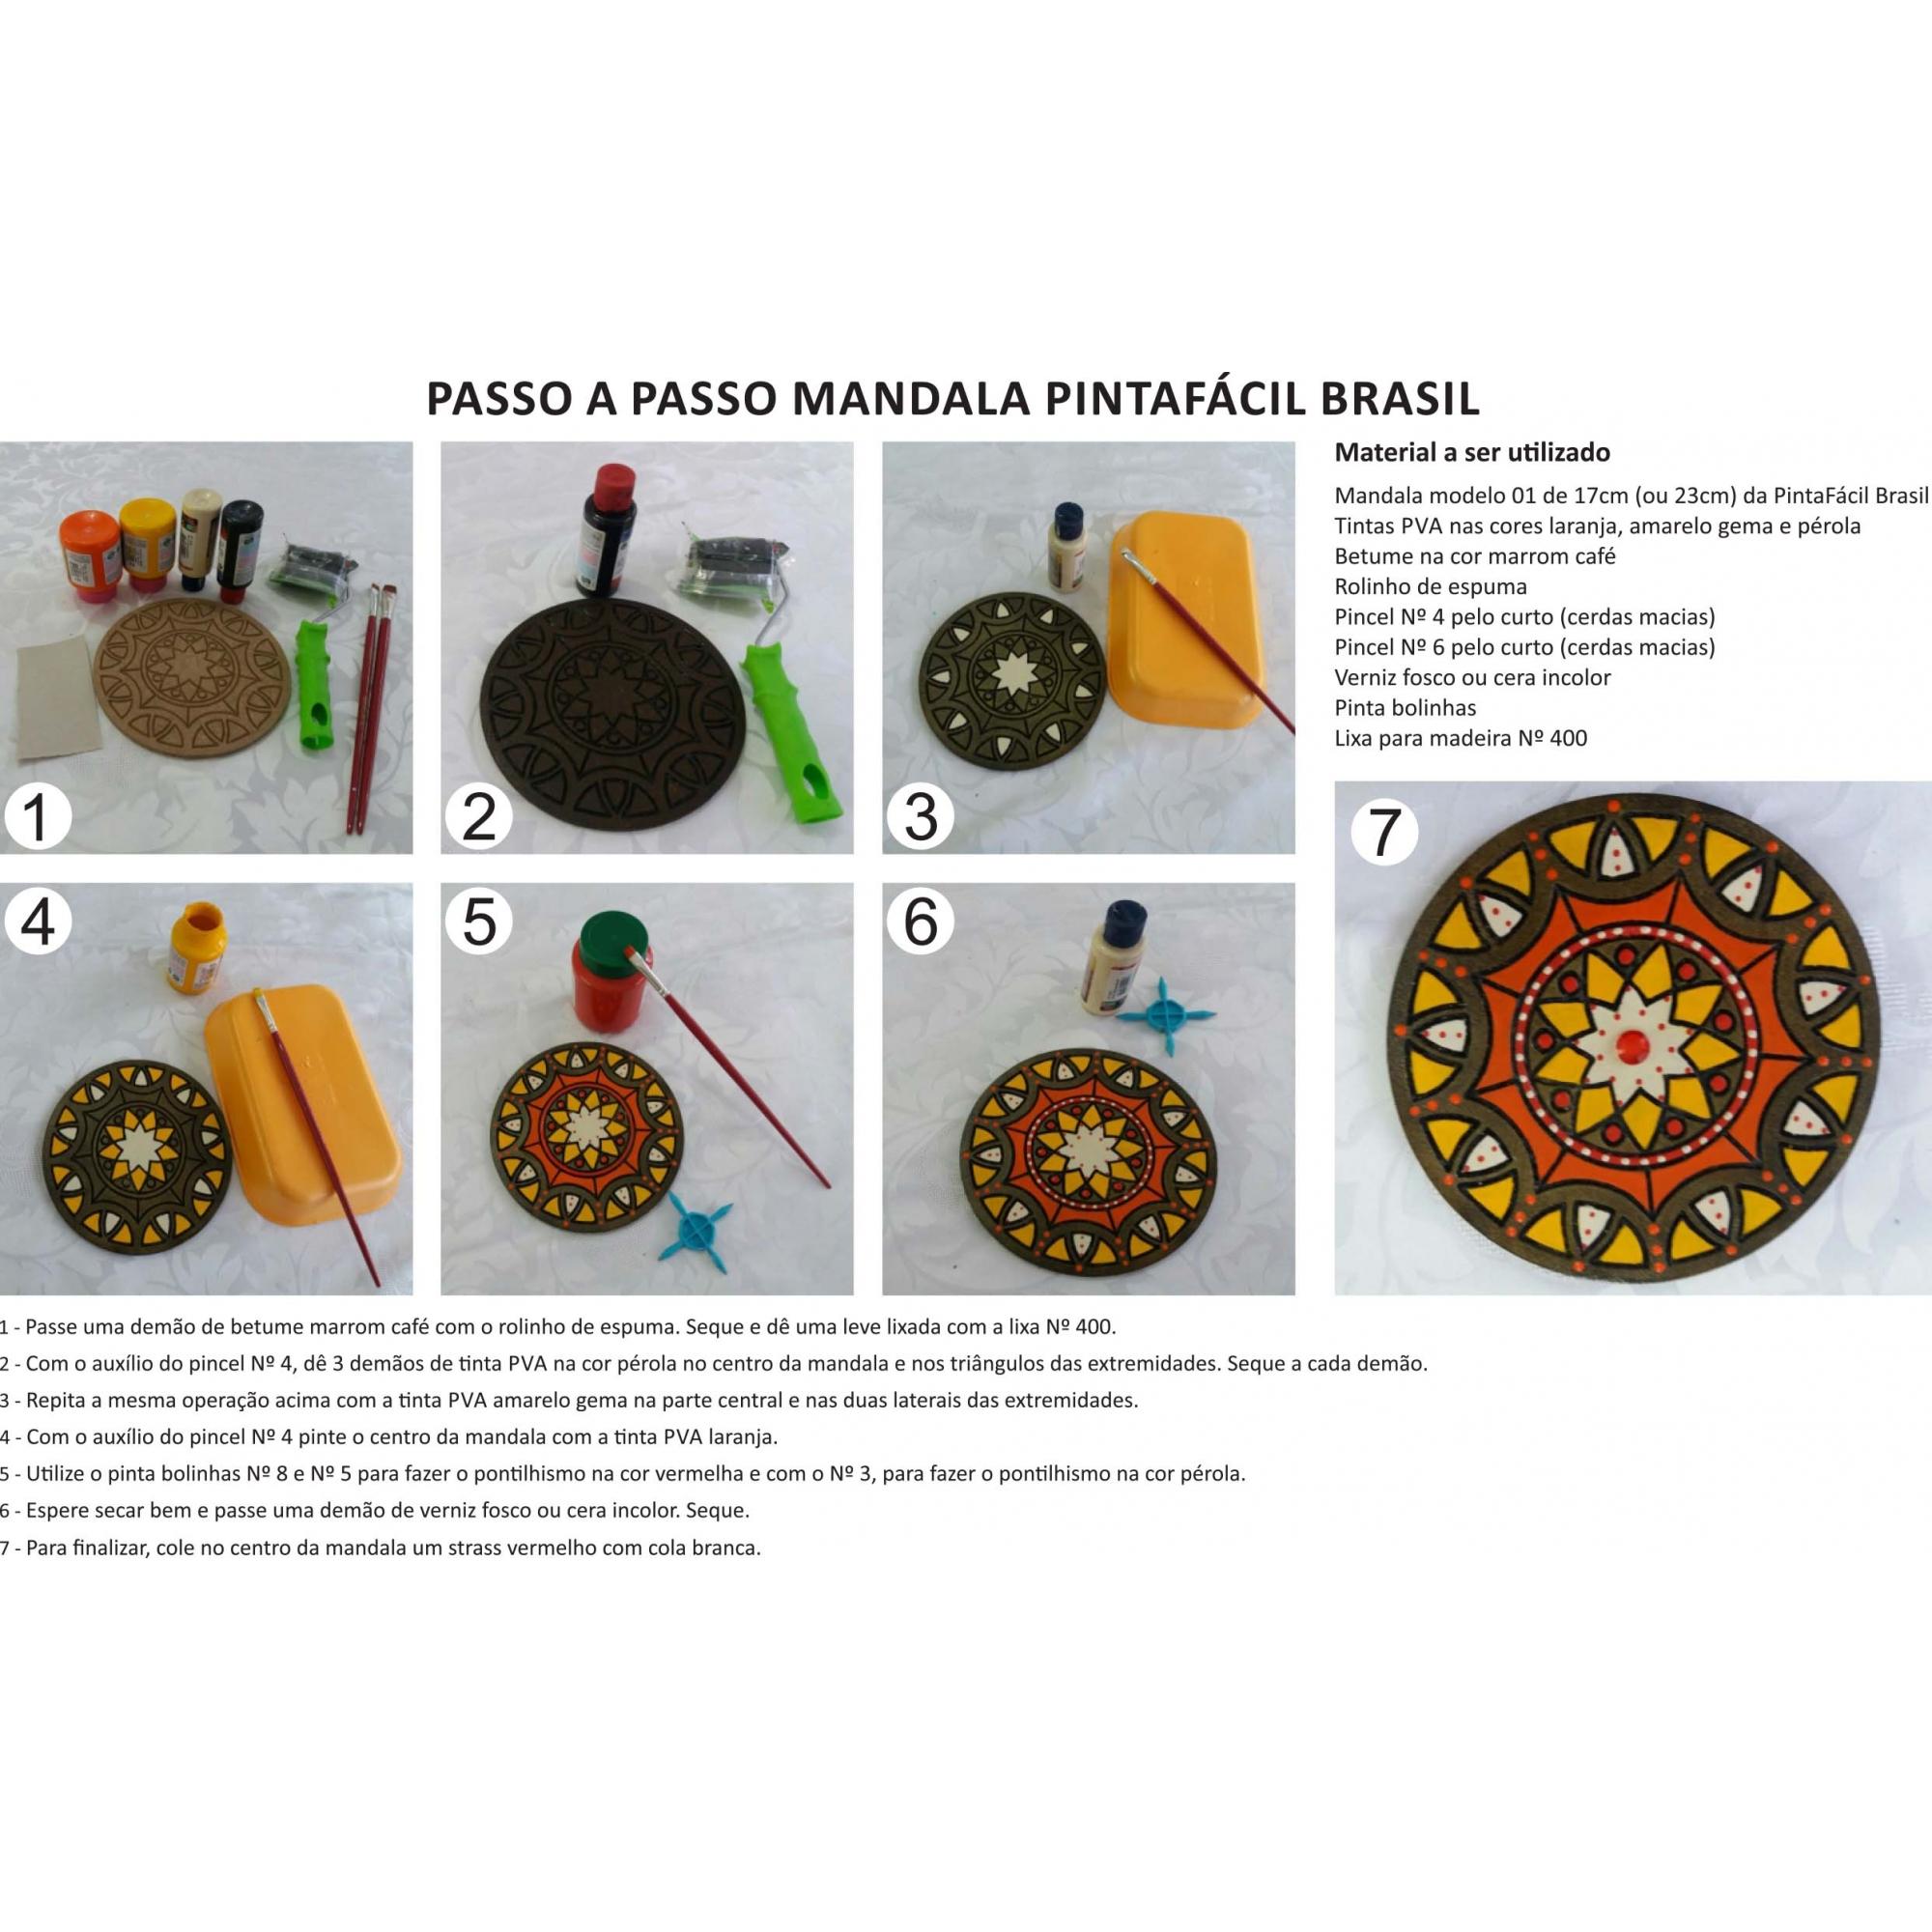 Kit 4 peças Mandala para Espelho Mdf Cru 53cm de Diâmetro para Pintar